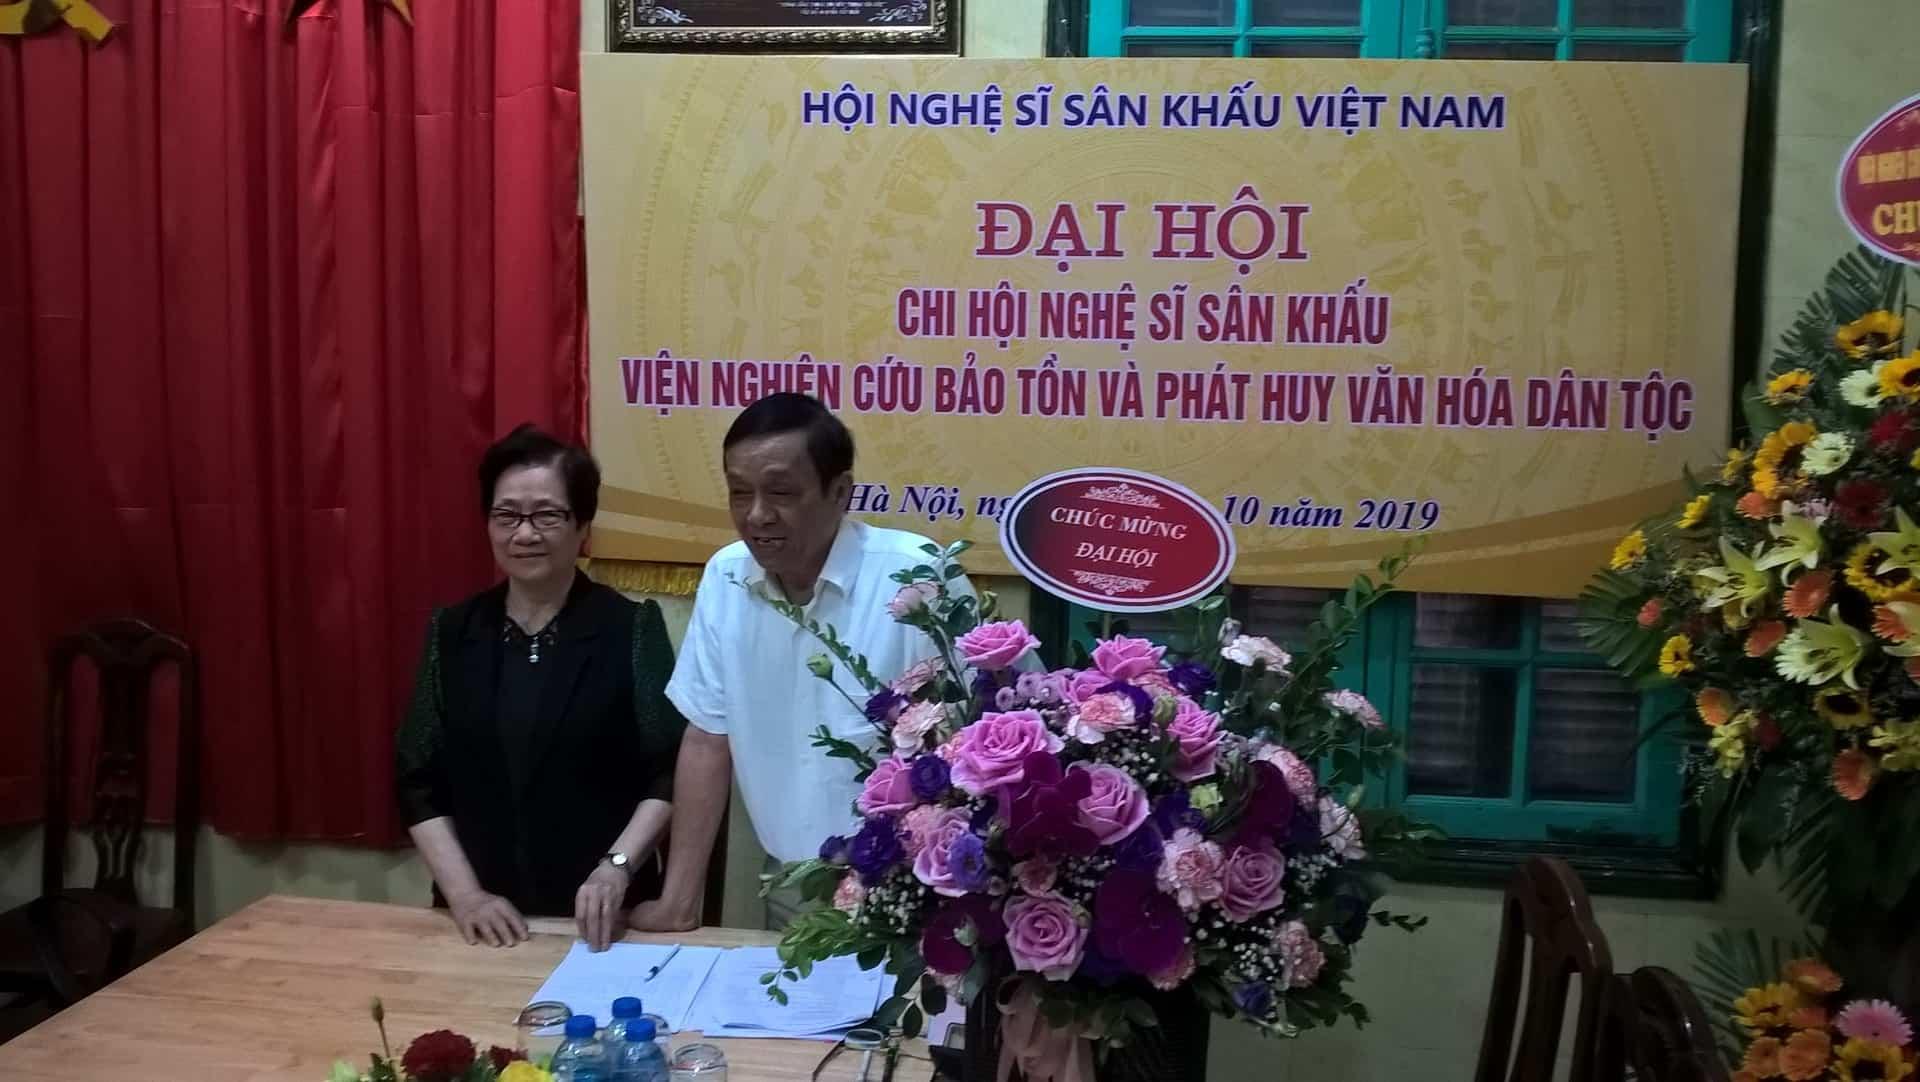 Đại hội bầu Nhà nghiên cứu Nguyễn Thế Khoa (bên phải) là Chi hội trưởng và PGS TS Đoàn Thị Tình (bên trái) là Chi hội phó.